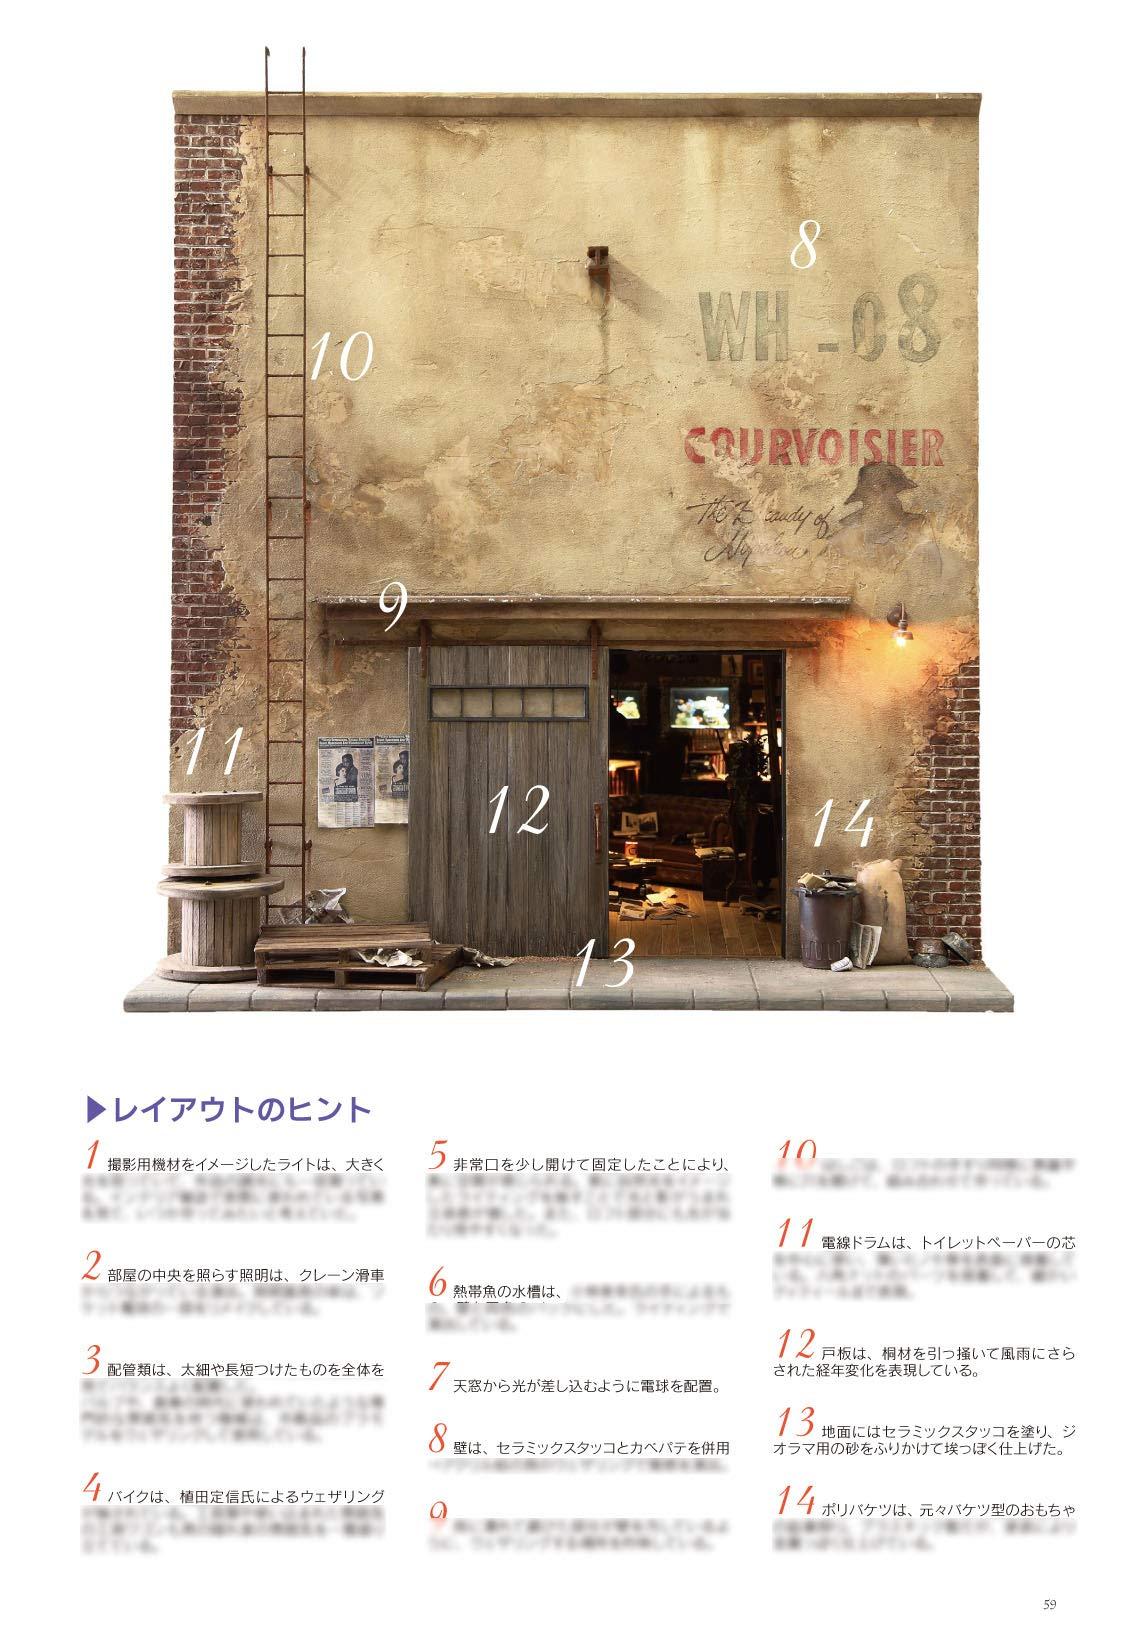 小島隆雄 男の隠れ家